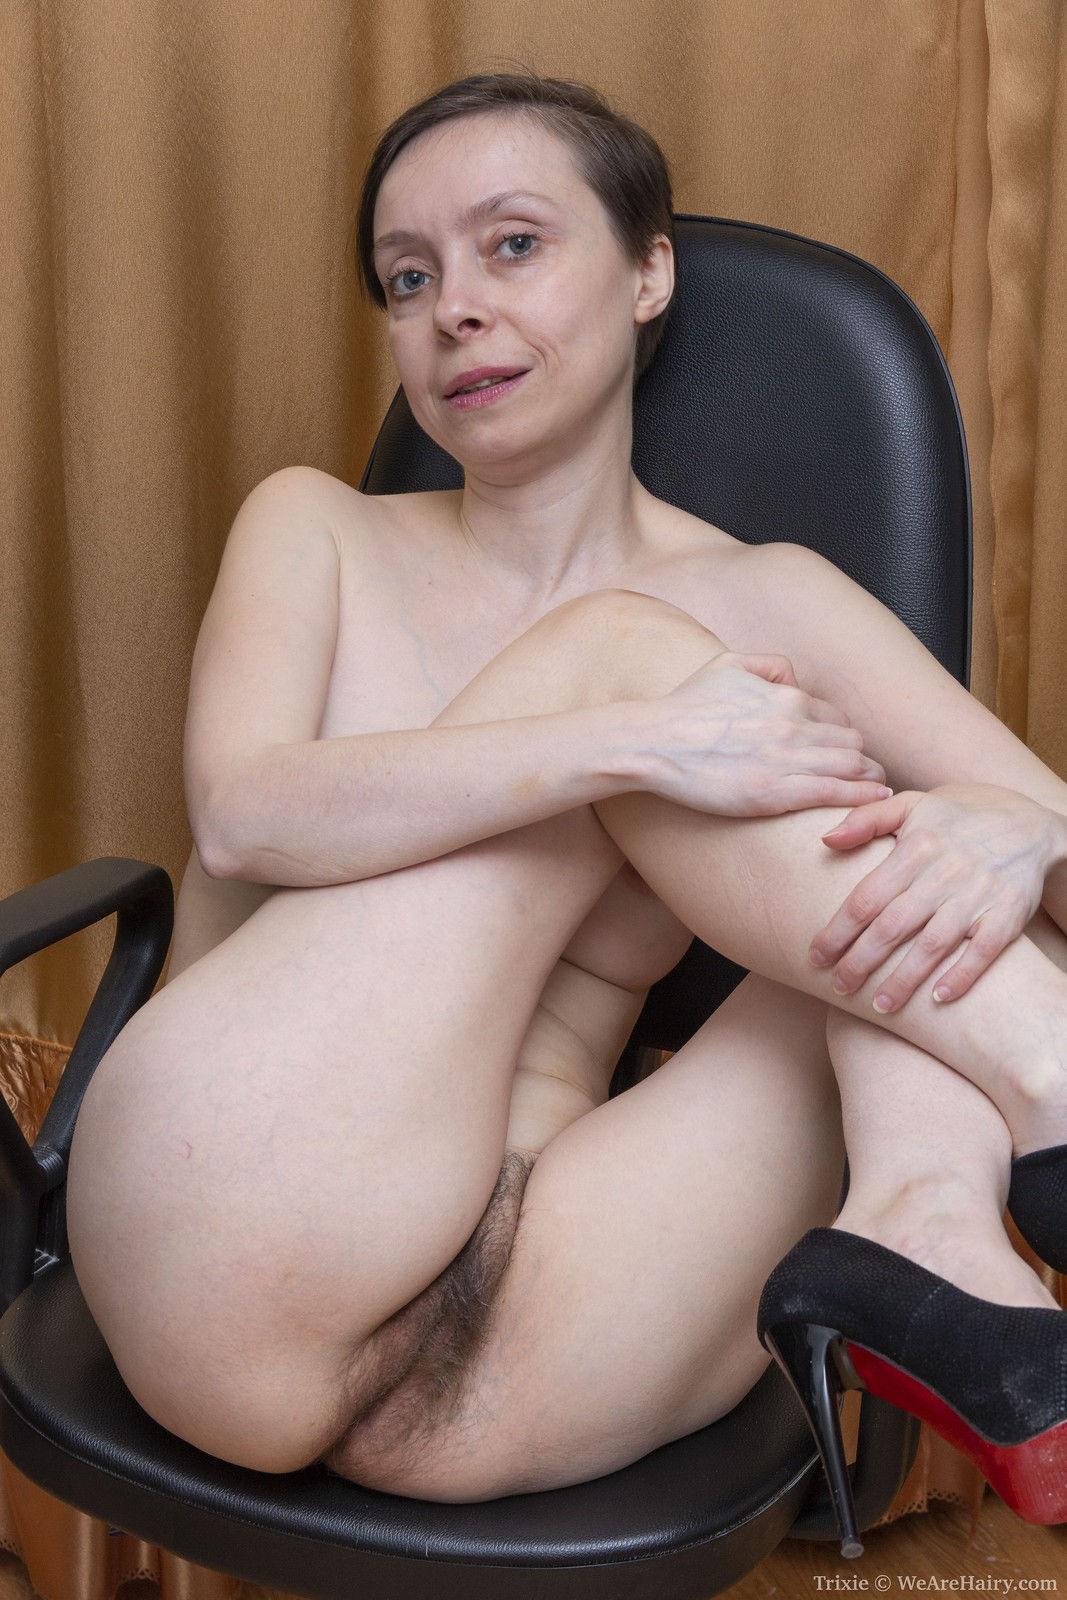 elsie hewitt topless